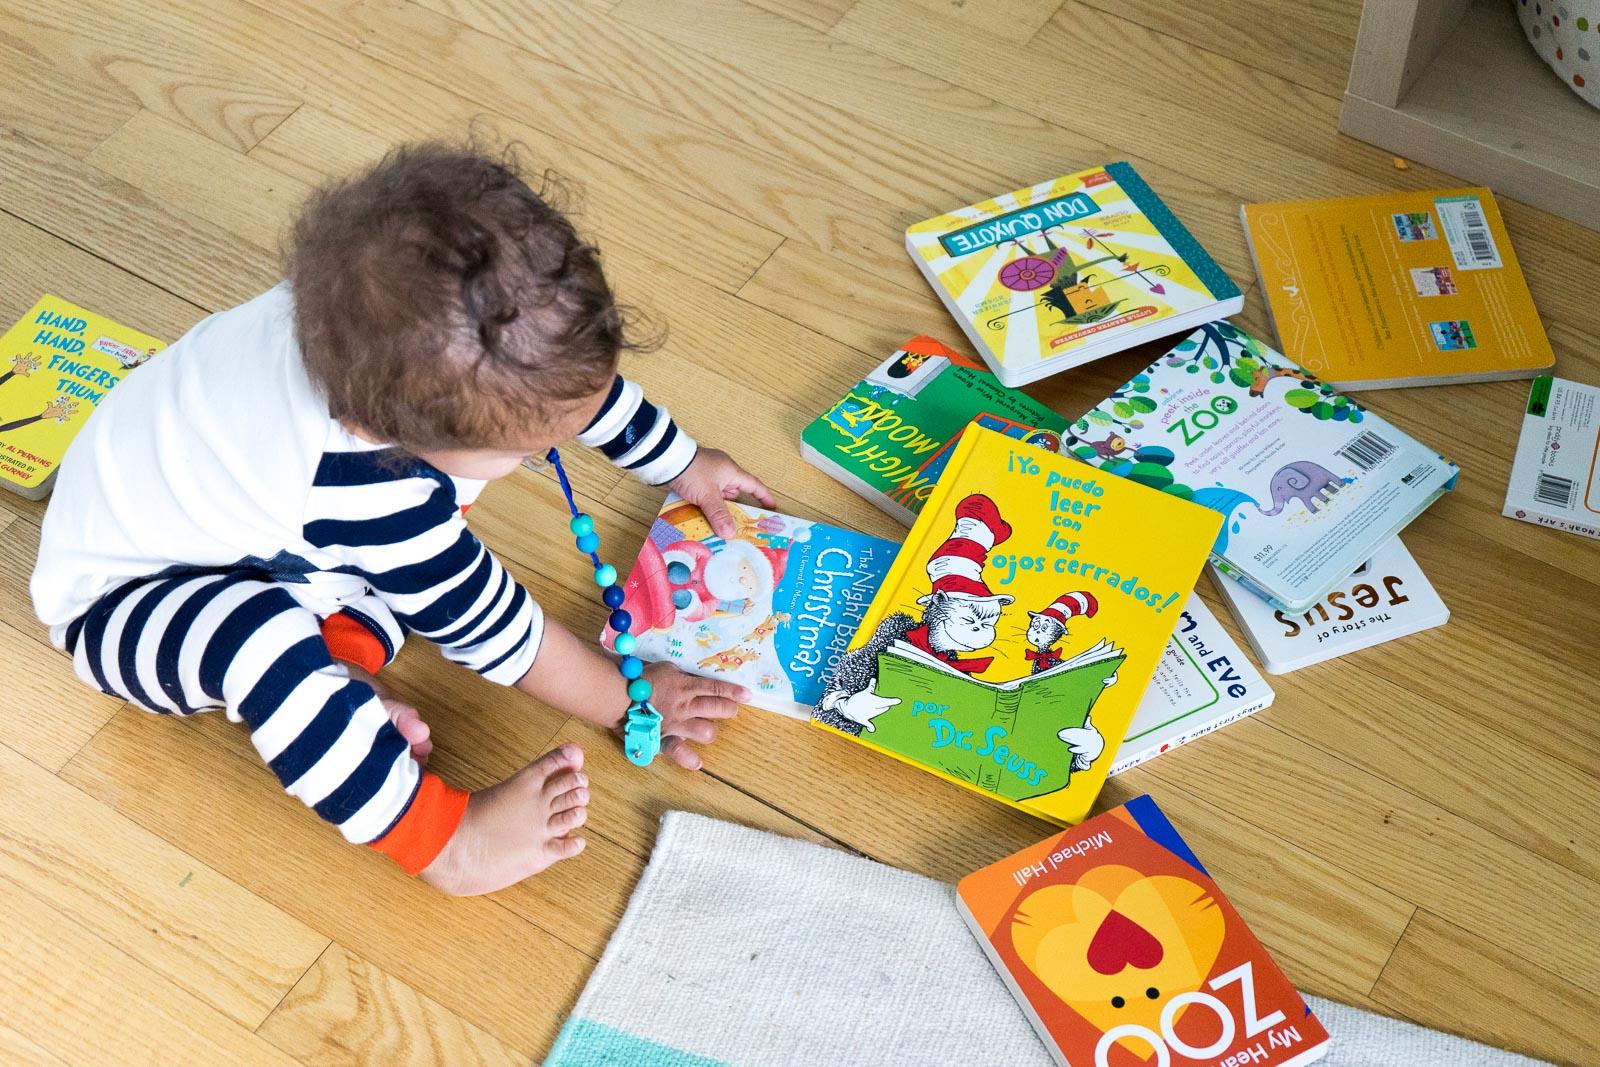 nursery-room_toddler-books_DIY_-book-display-4.jpg